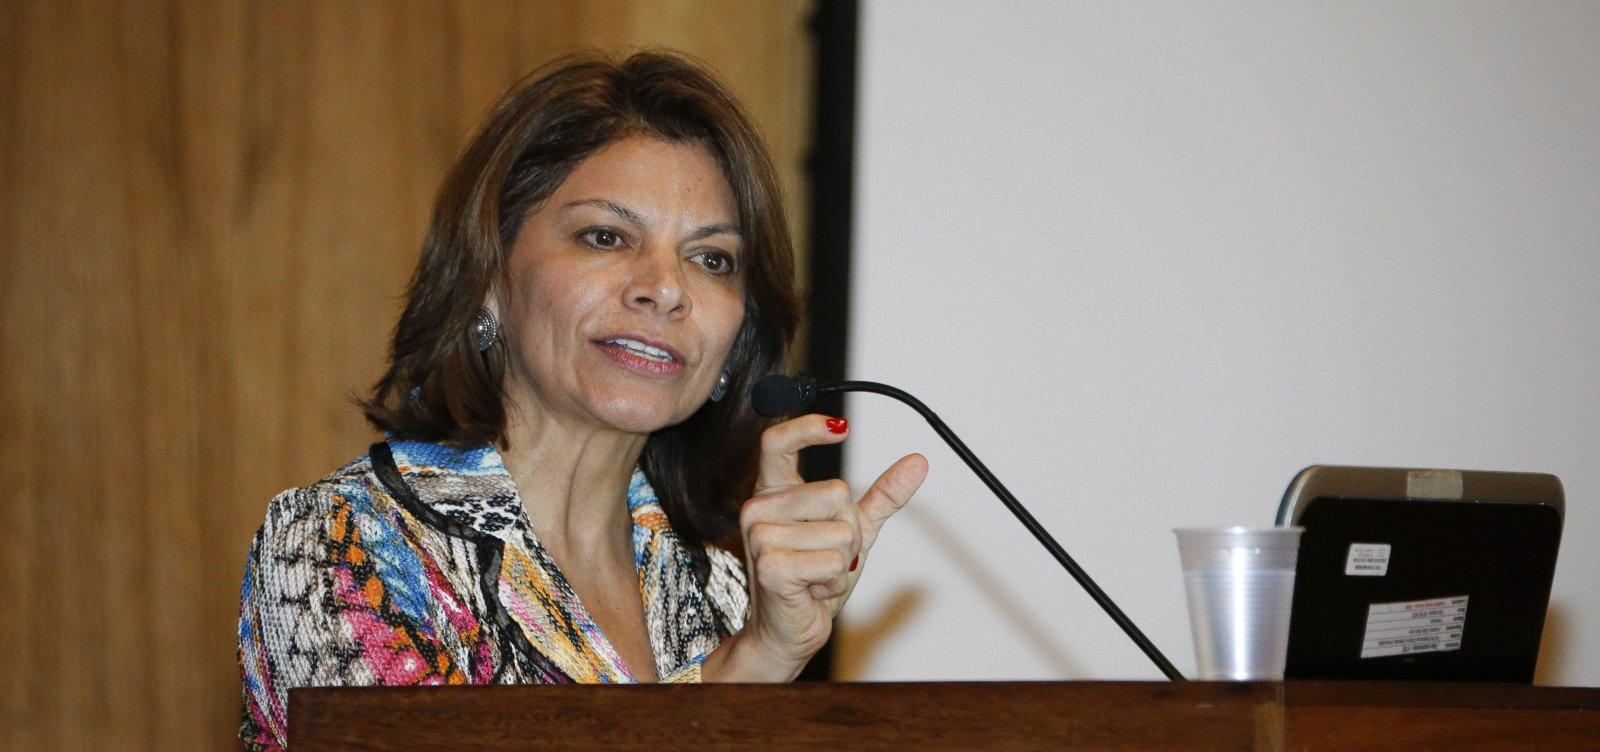 Propagação de fake news nas eleições brasileiras é 'sem precedentes', diz chefe de missão da OEA